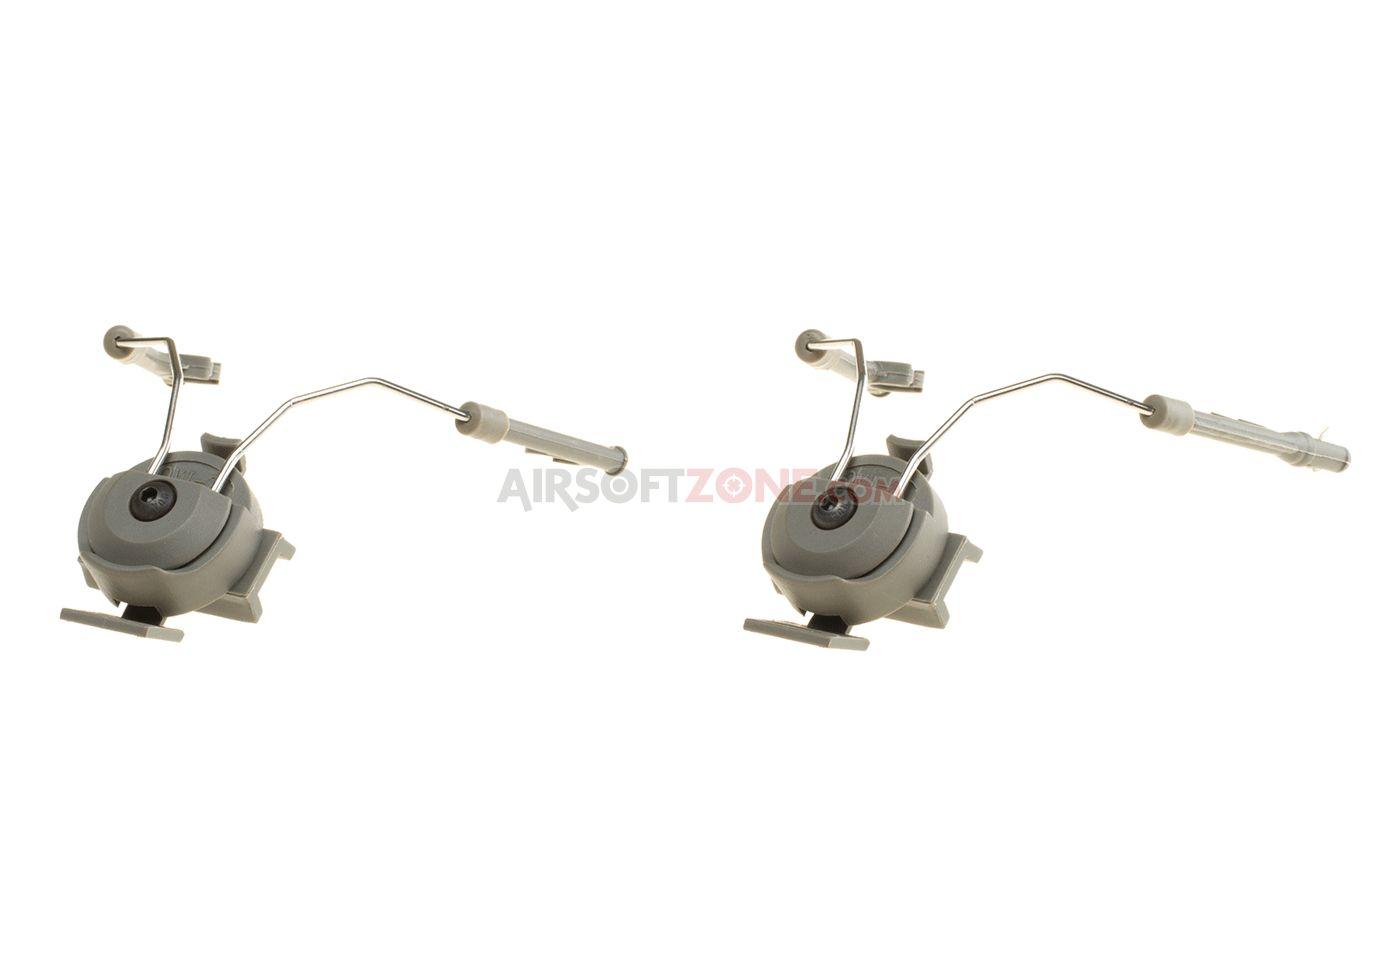 Attacco cuffie comtac I / II per elmetti fast pj helmet rail adapter set FG